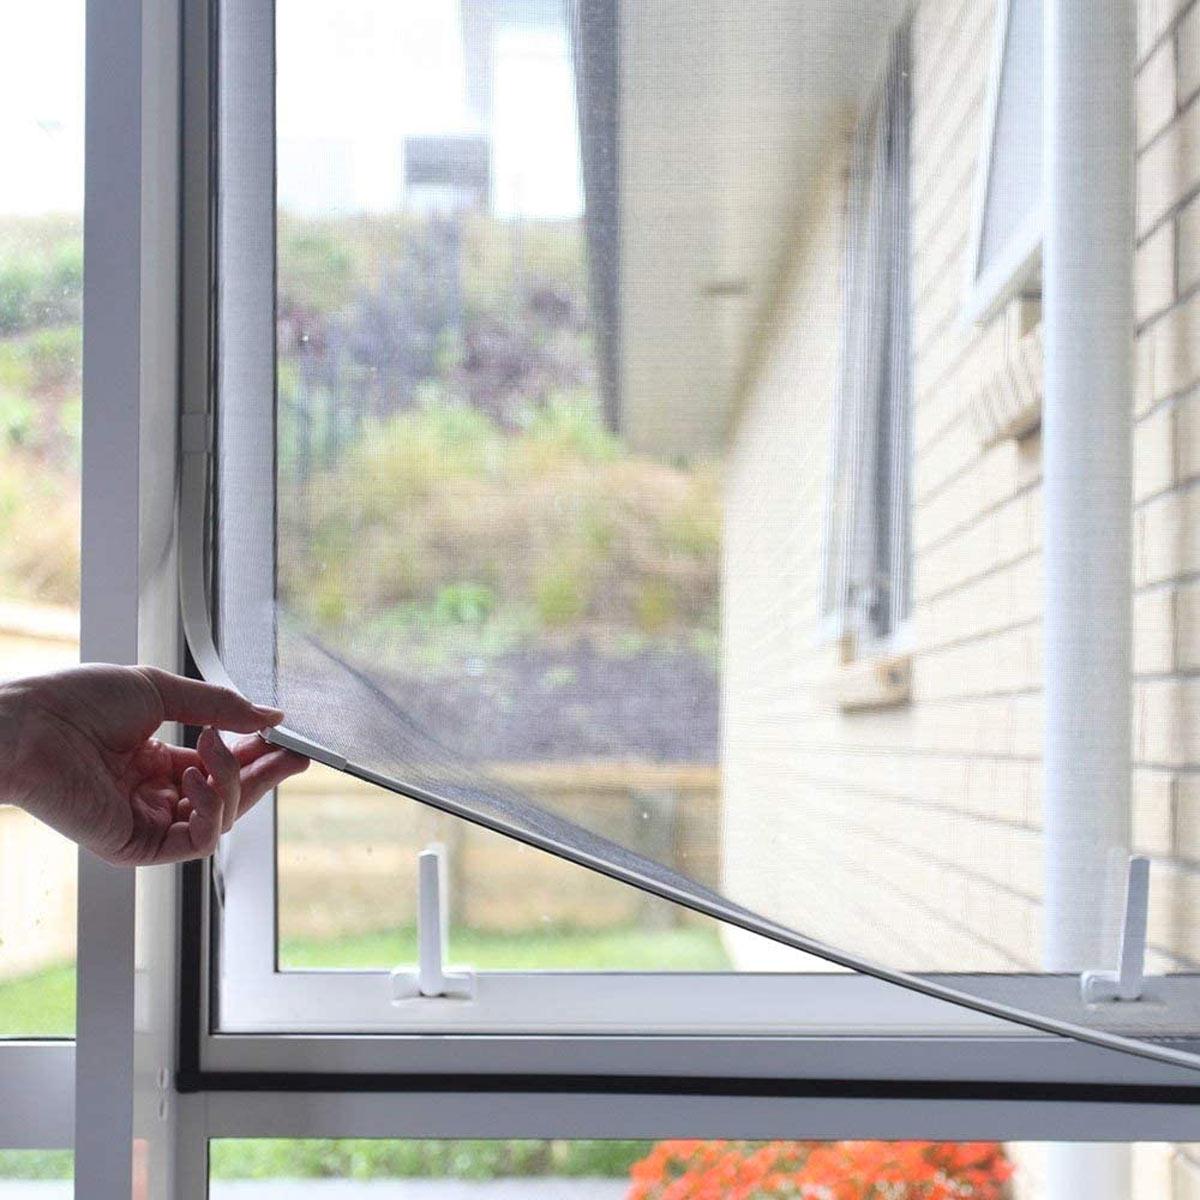 Zanzariere per finestre e portafinestra.